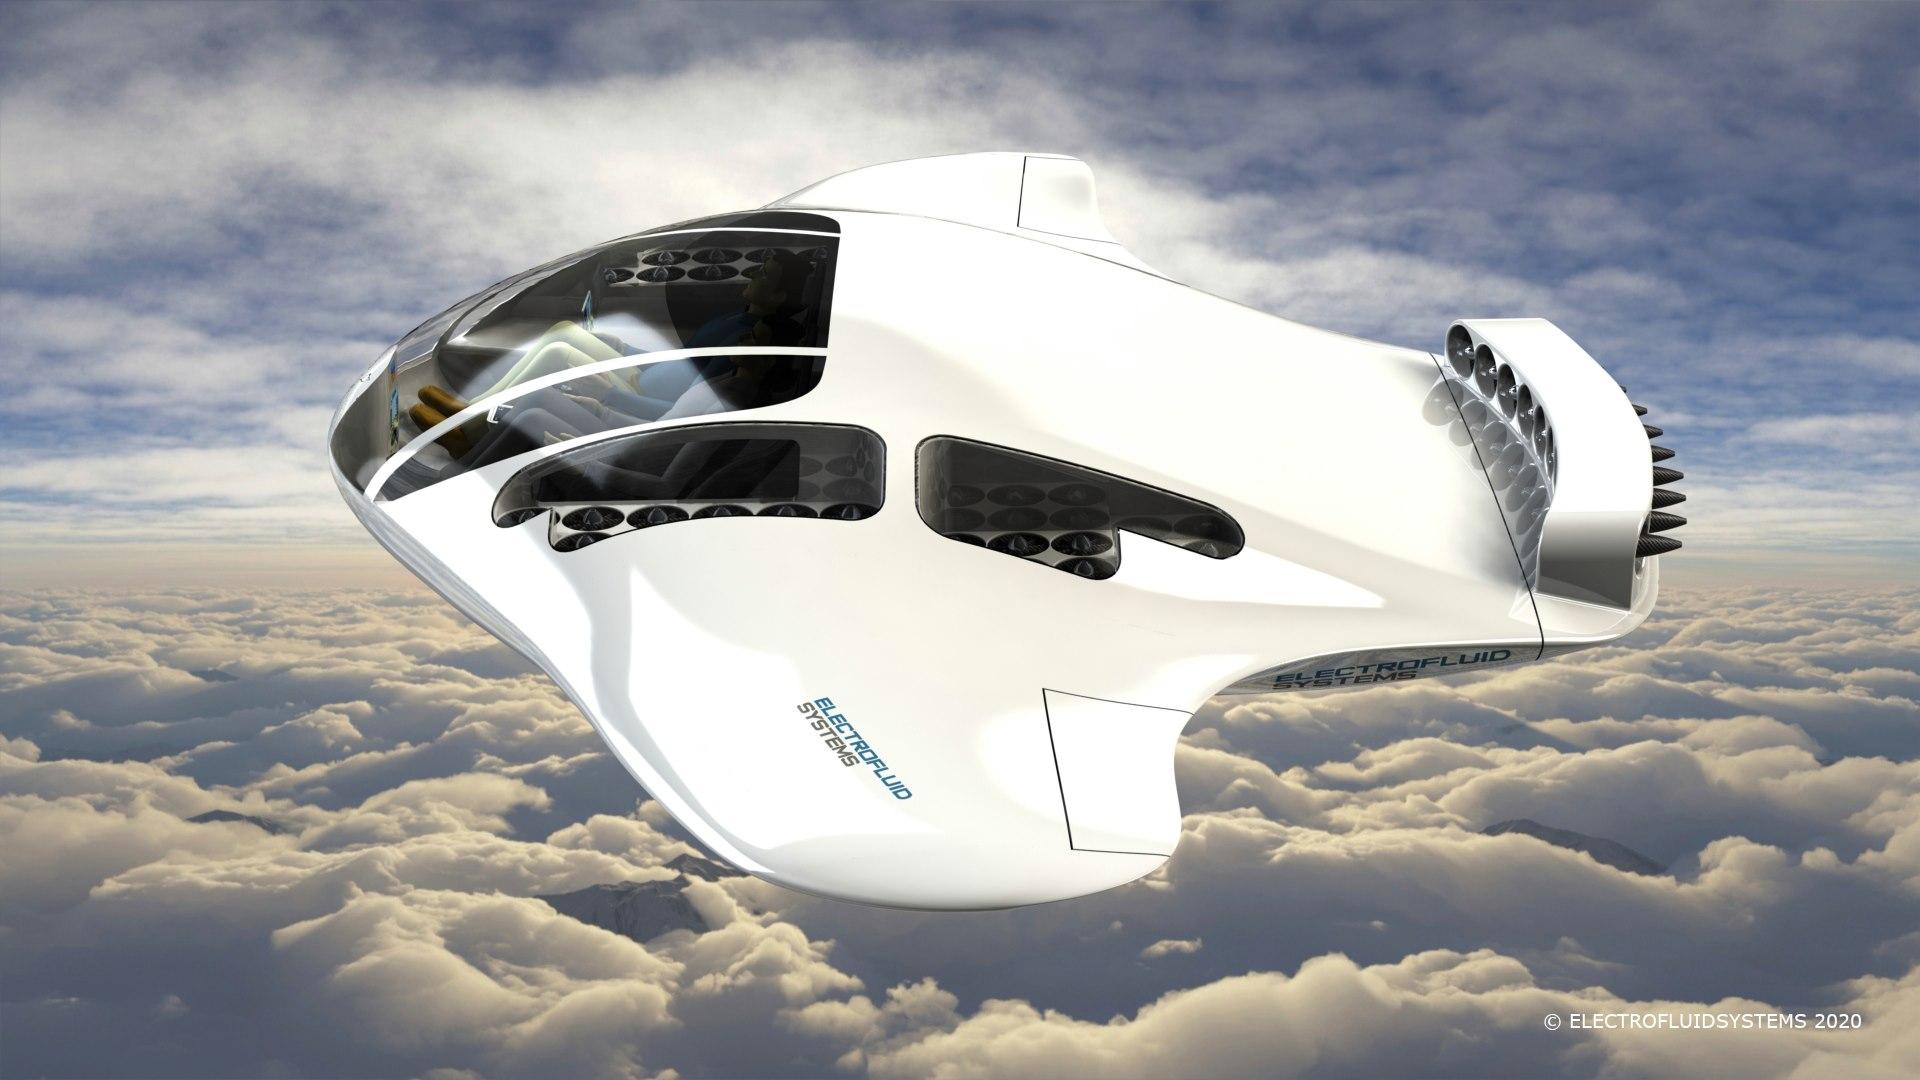 Cette soucoupe volante est peut-être votre nouveau taxi